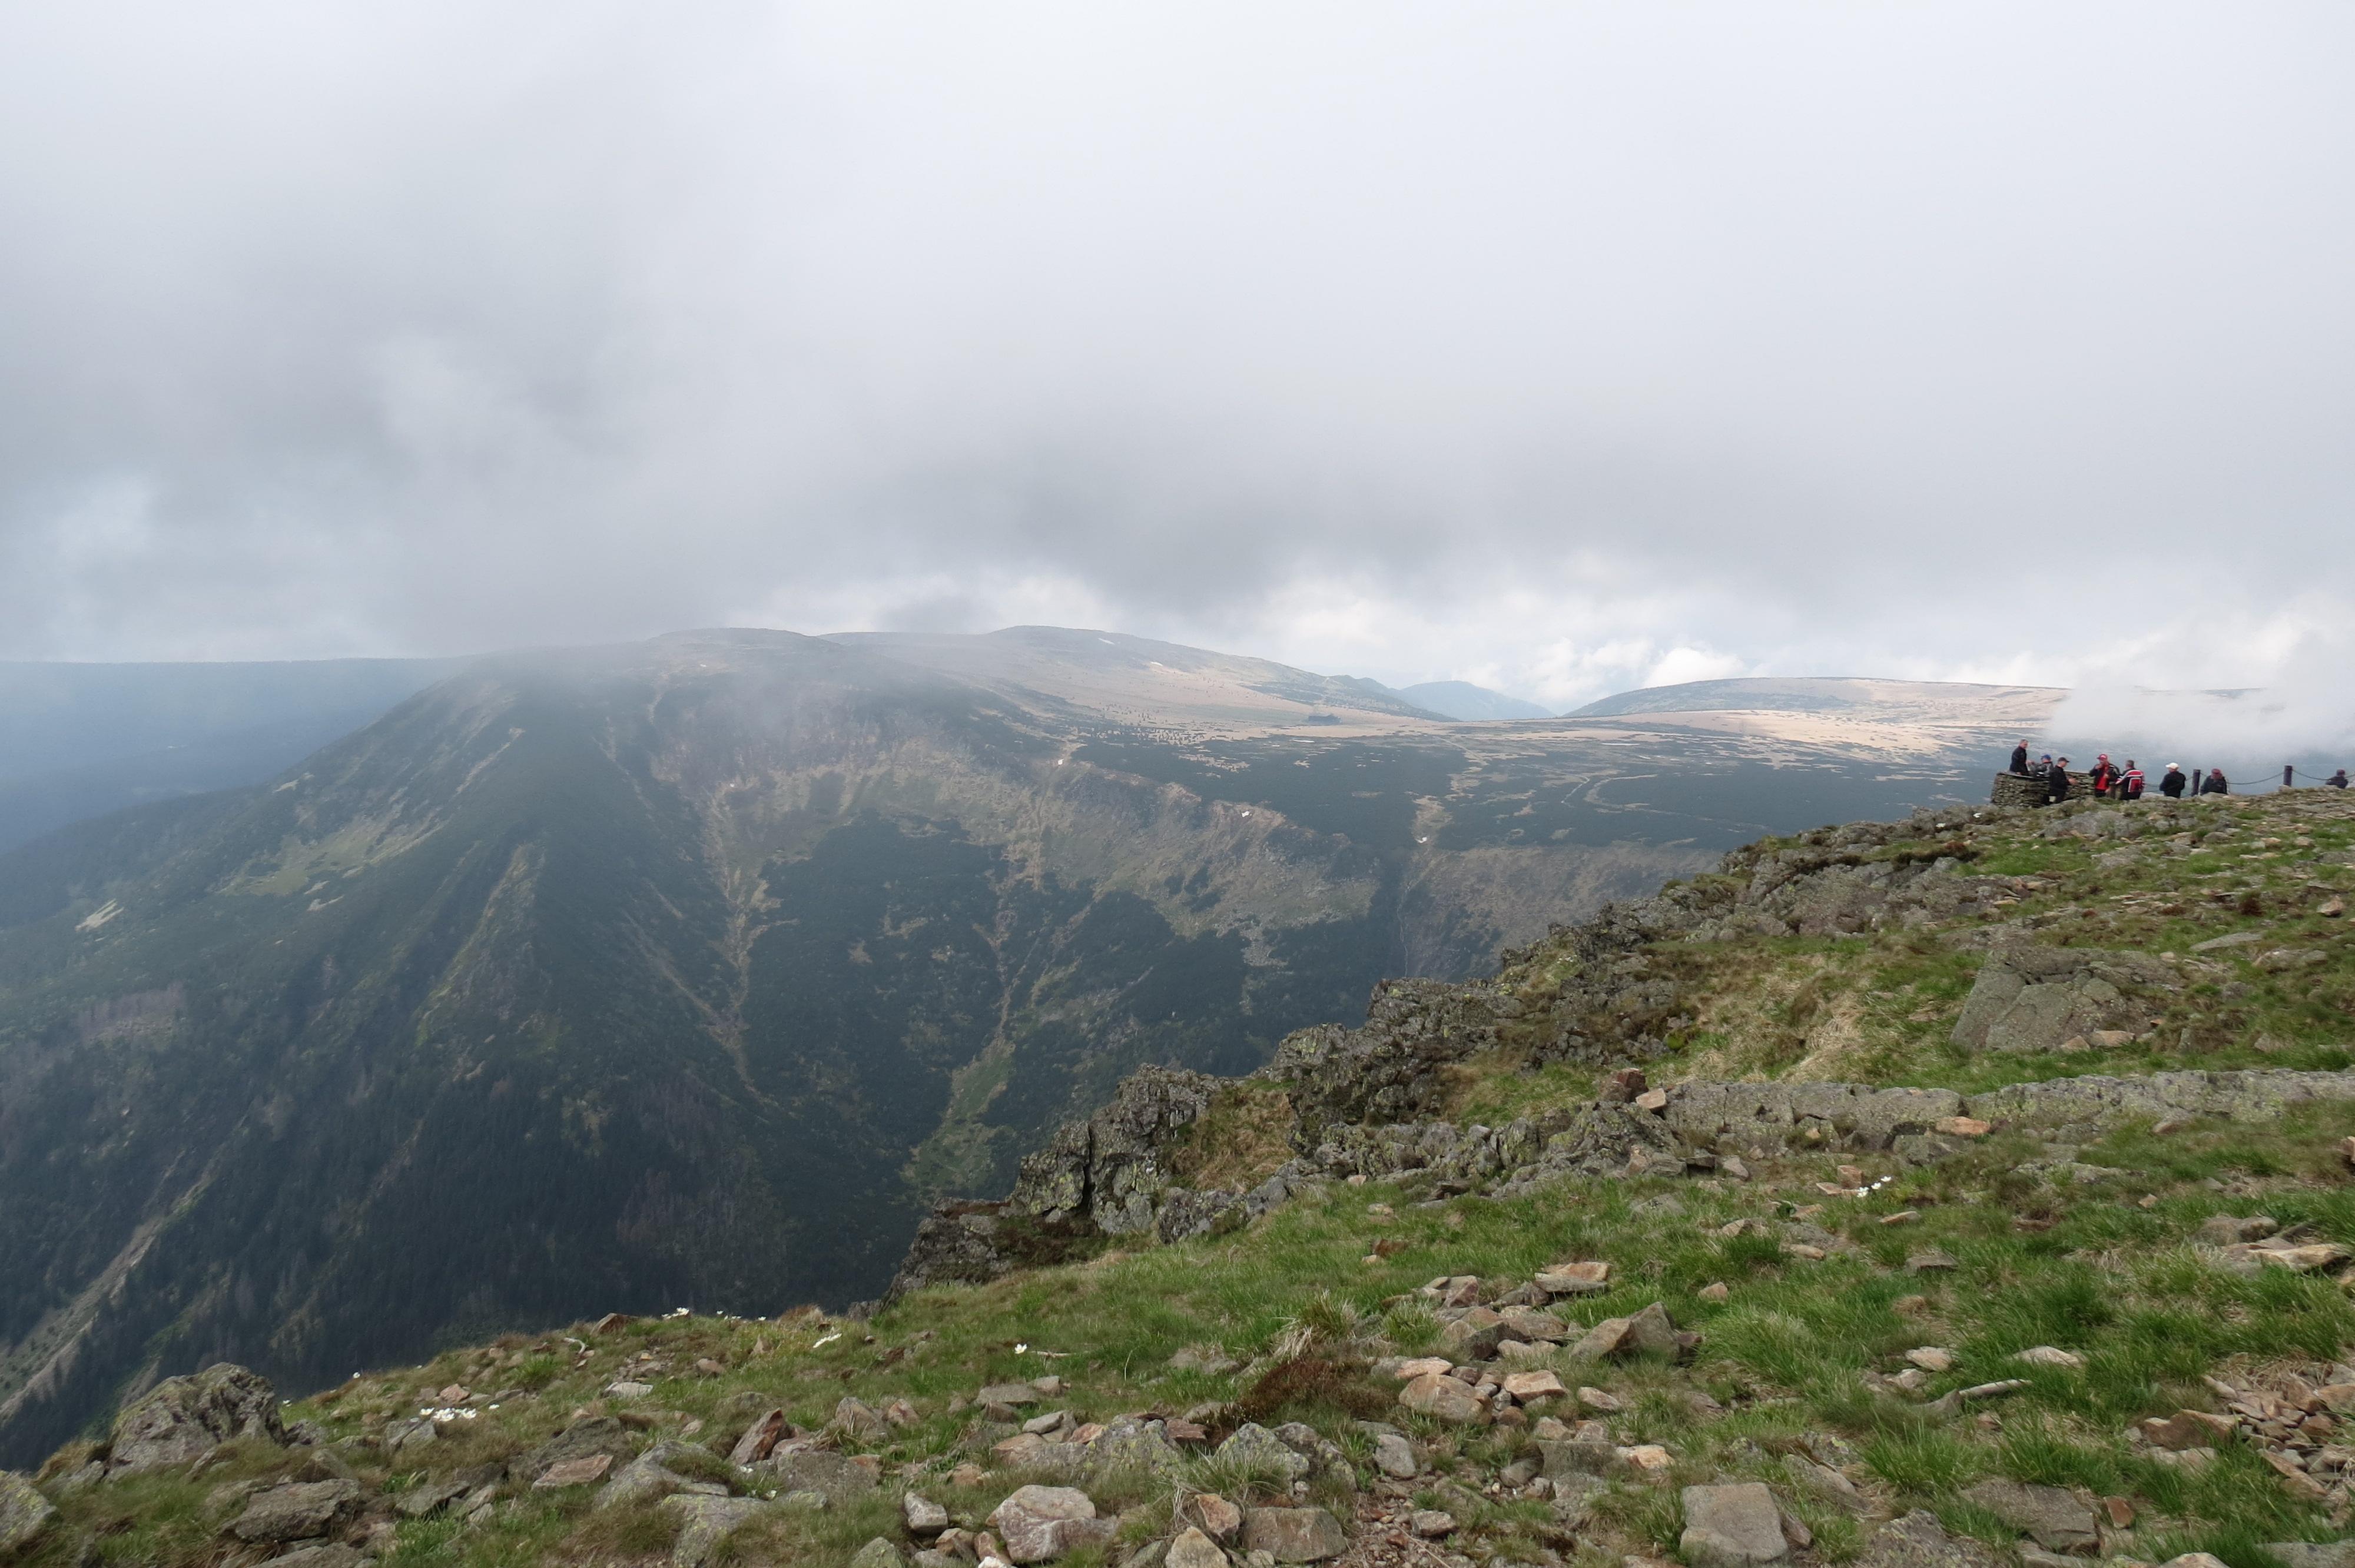 Skats no Šņežkas virsotnes (foto: I.Strautnieks)